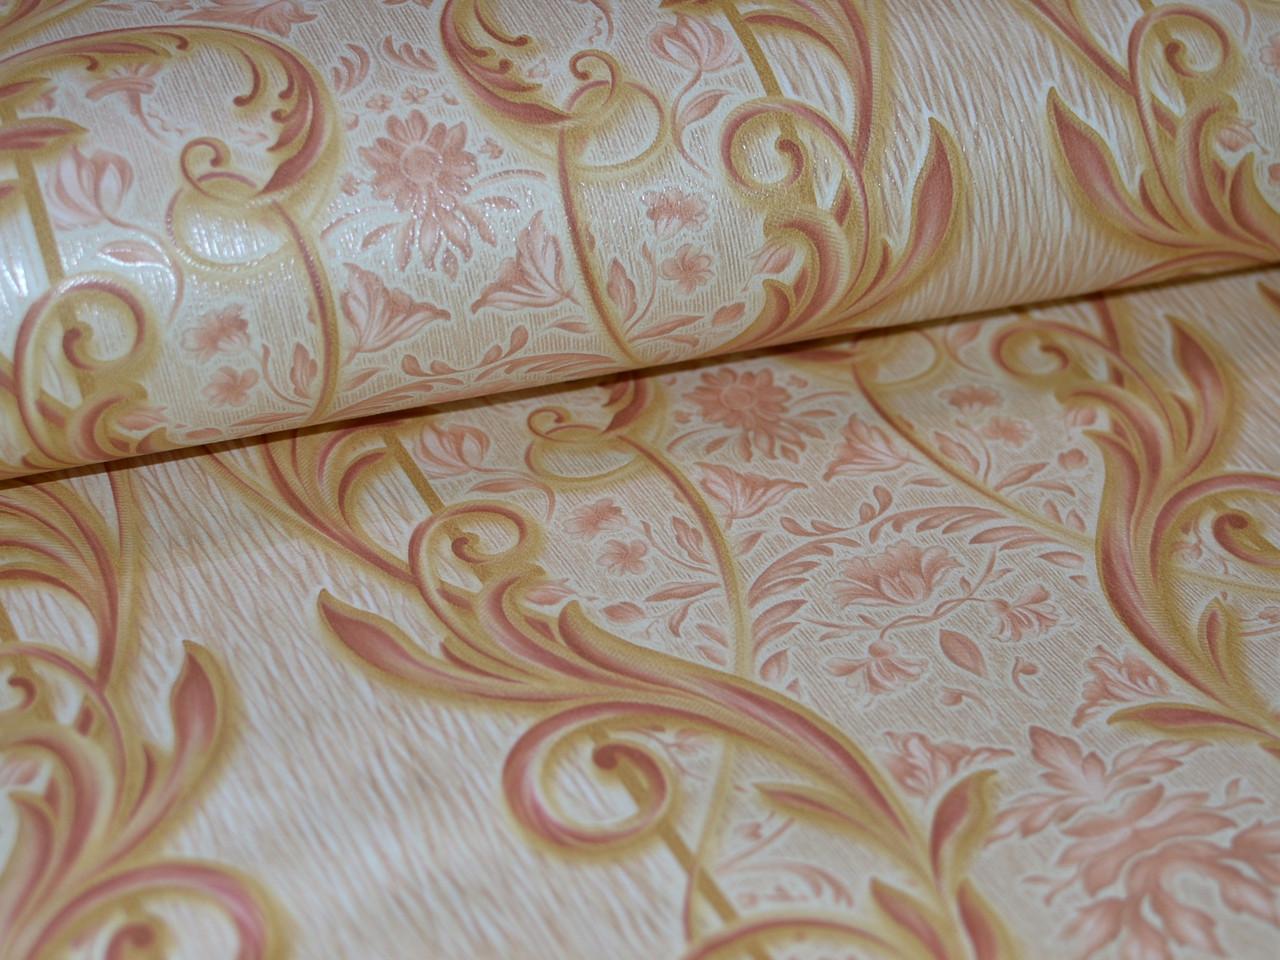 Обои на стену, вензель, дворцовый, бежевый, светлый, бумажные, B27,4 Локон 6484-01, 0,53*10м